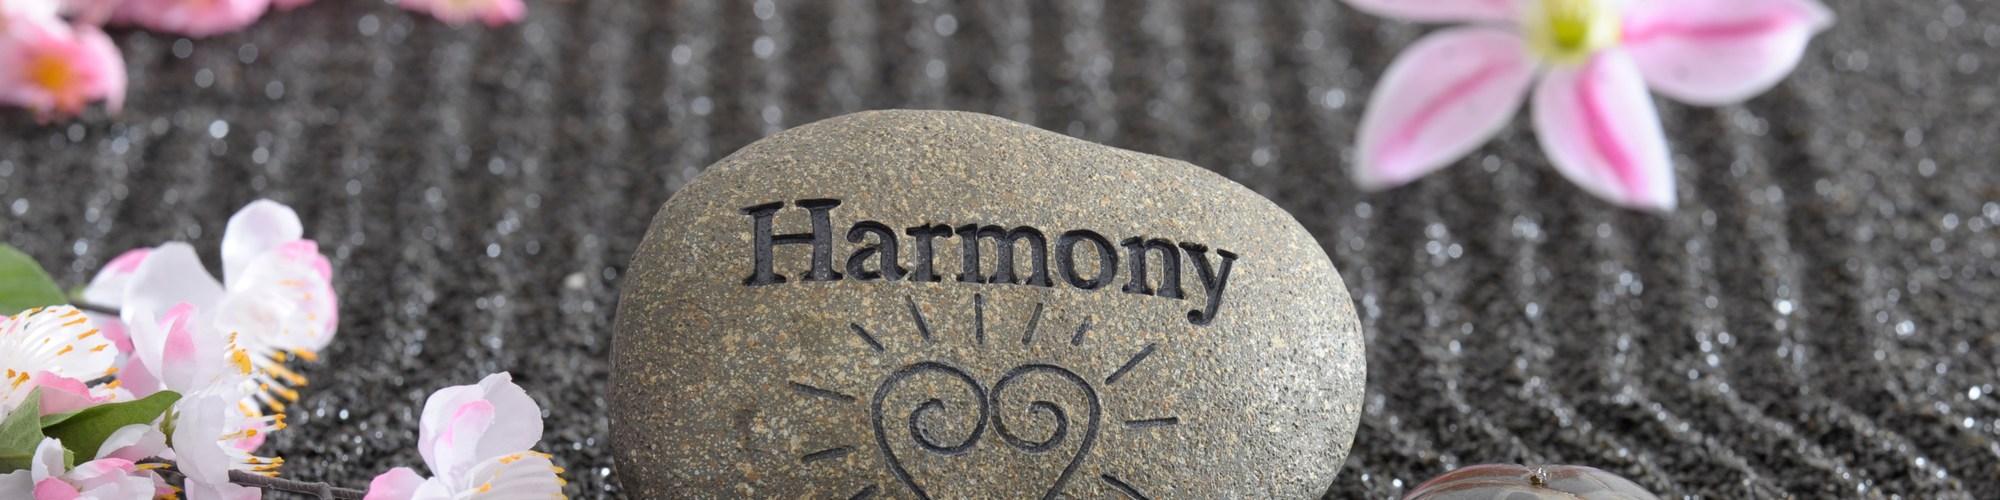 Infinite Harmony